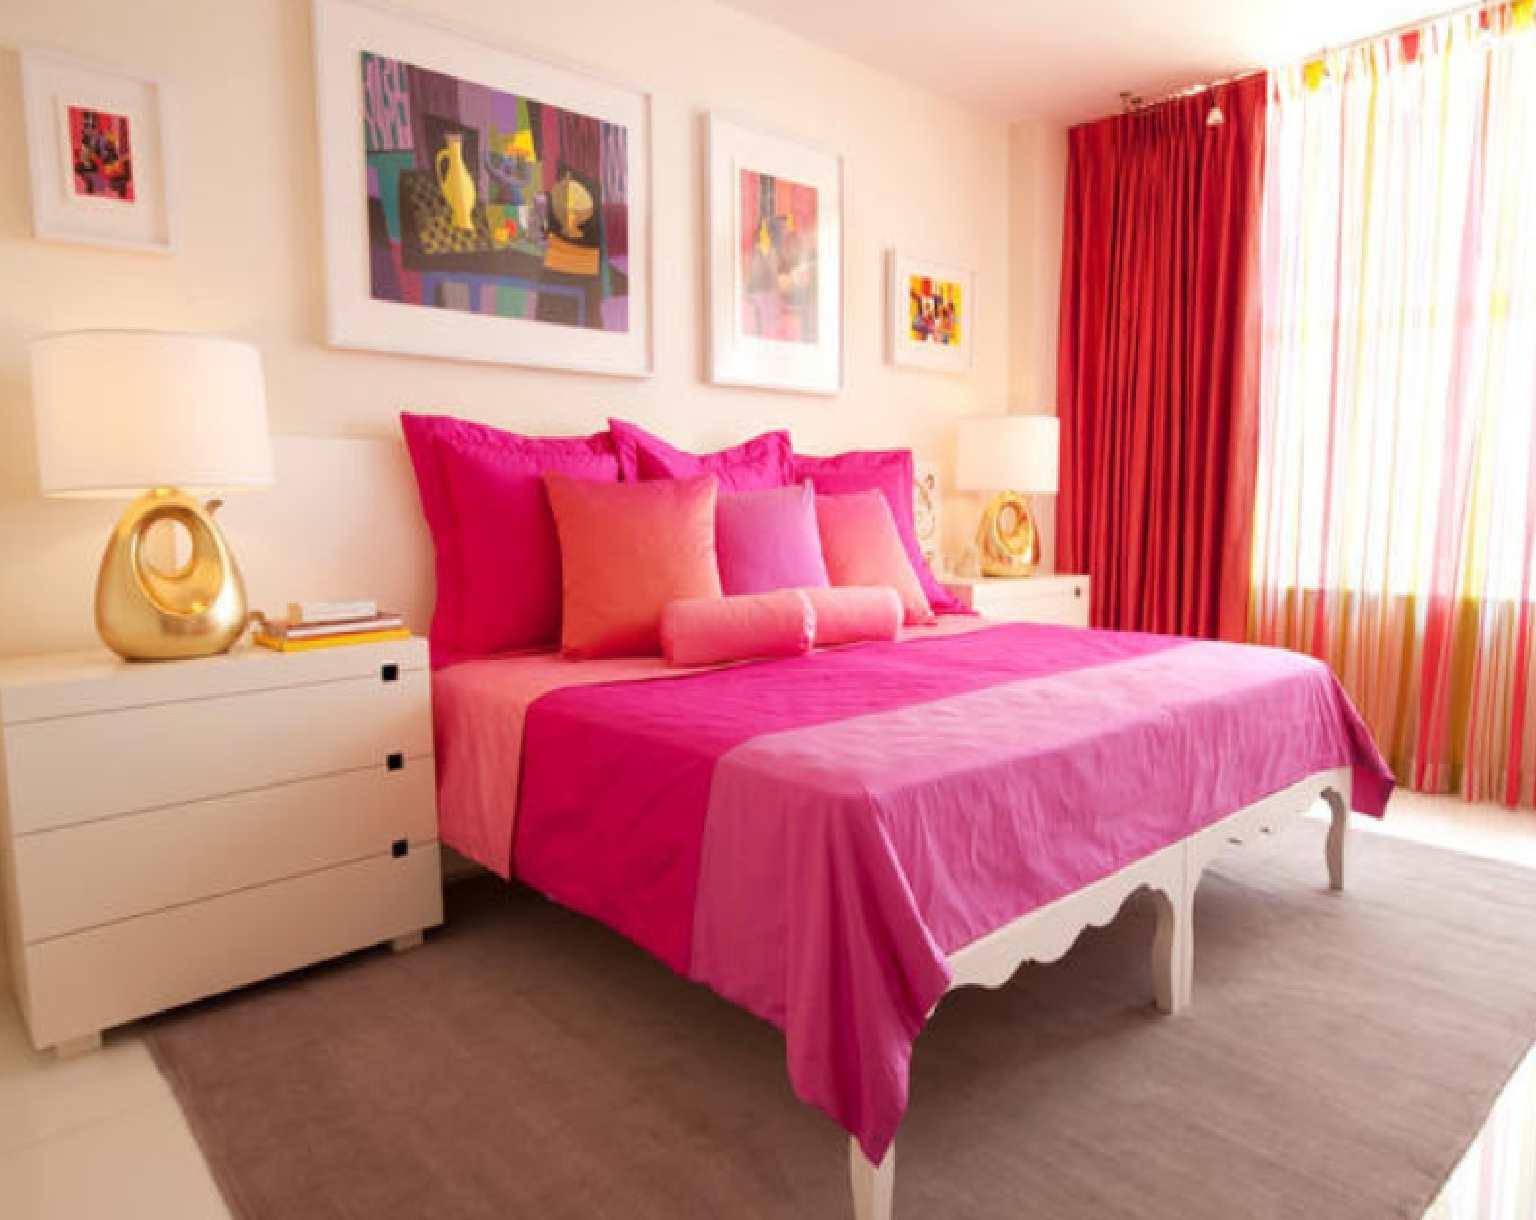 Decoração de  quarto com cortinas